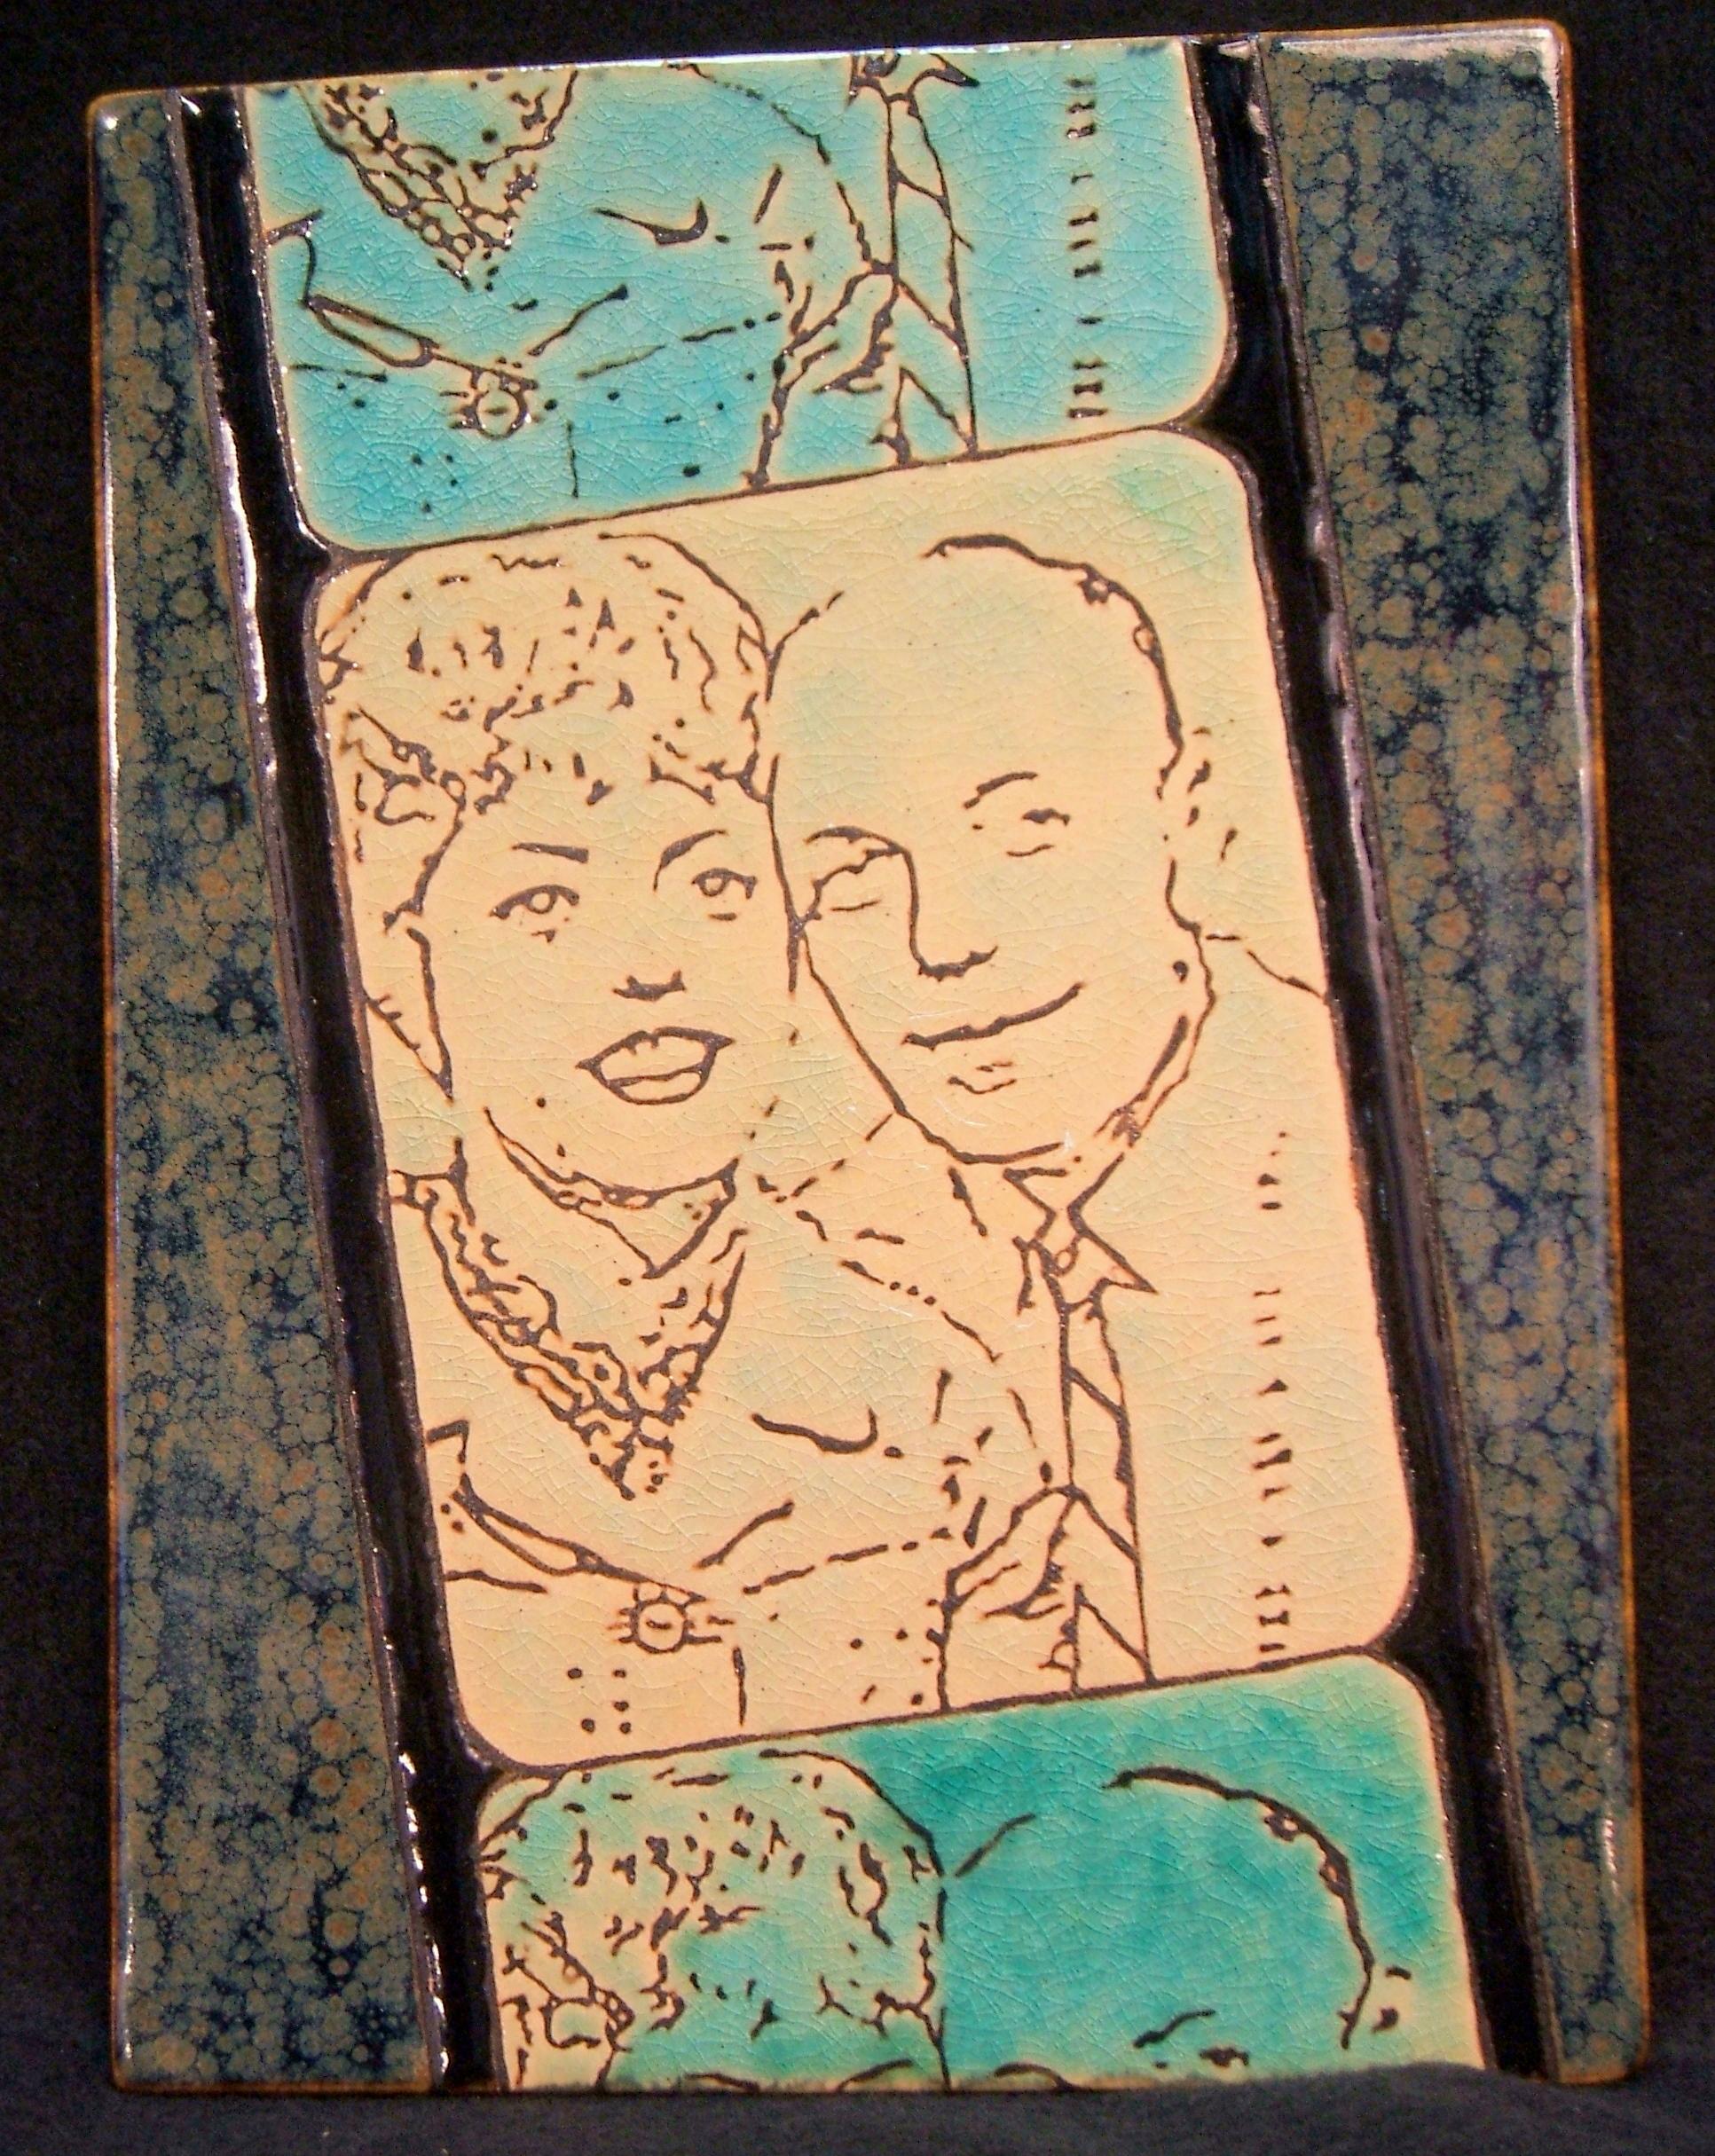 Craig Wood 2007 Bob & Carolyn in the 60's